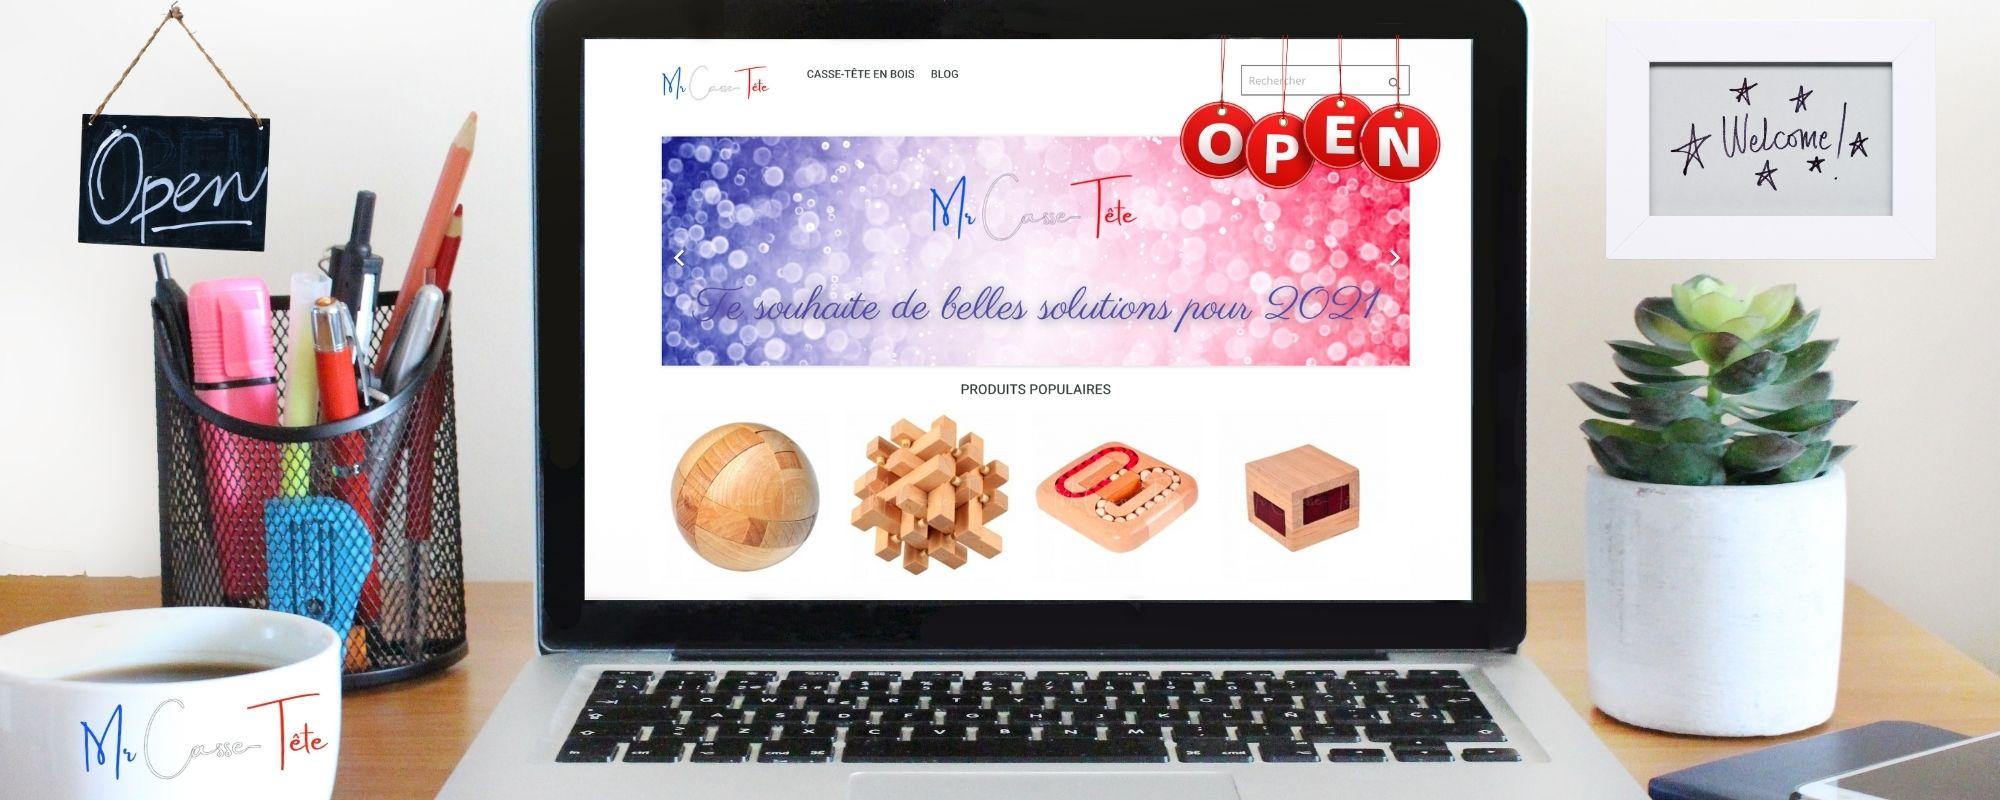 01/01/21 - Mr Casse-Tête ouvre sa boutique !